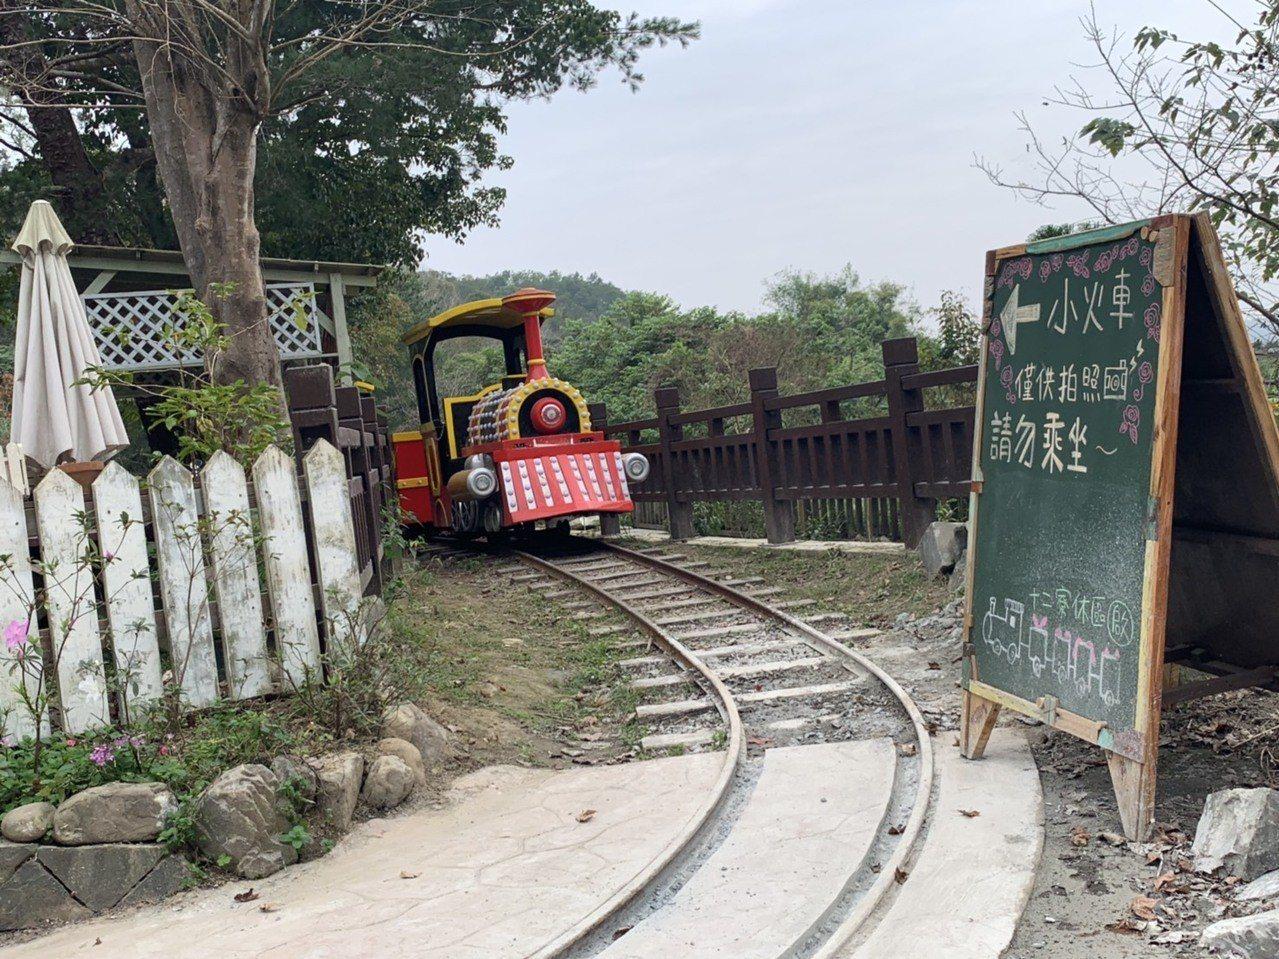 小火車軌道長度大約400公尺,不過因為先前試車時,有發生過一些意外狀況,因此會再...